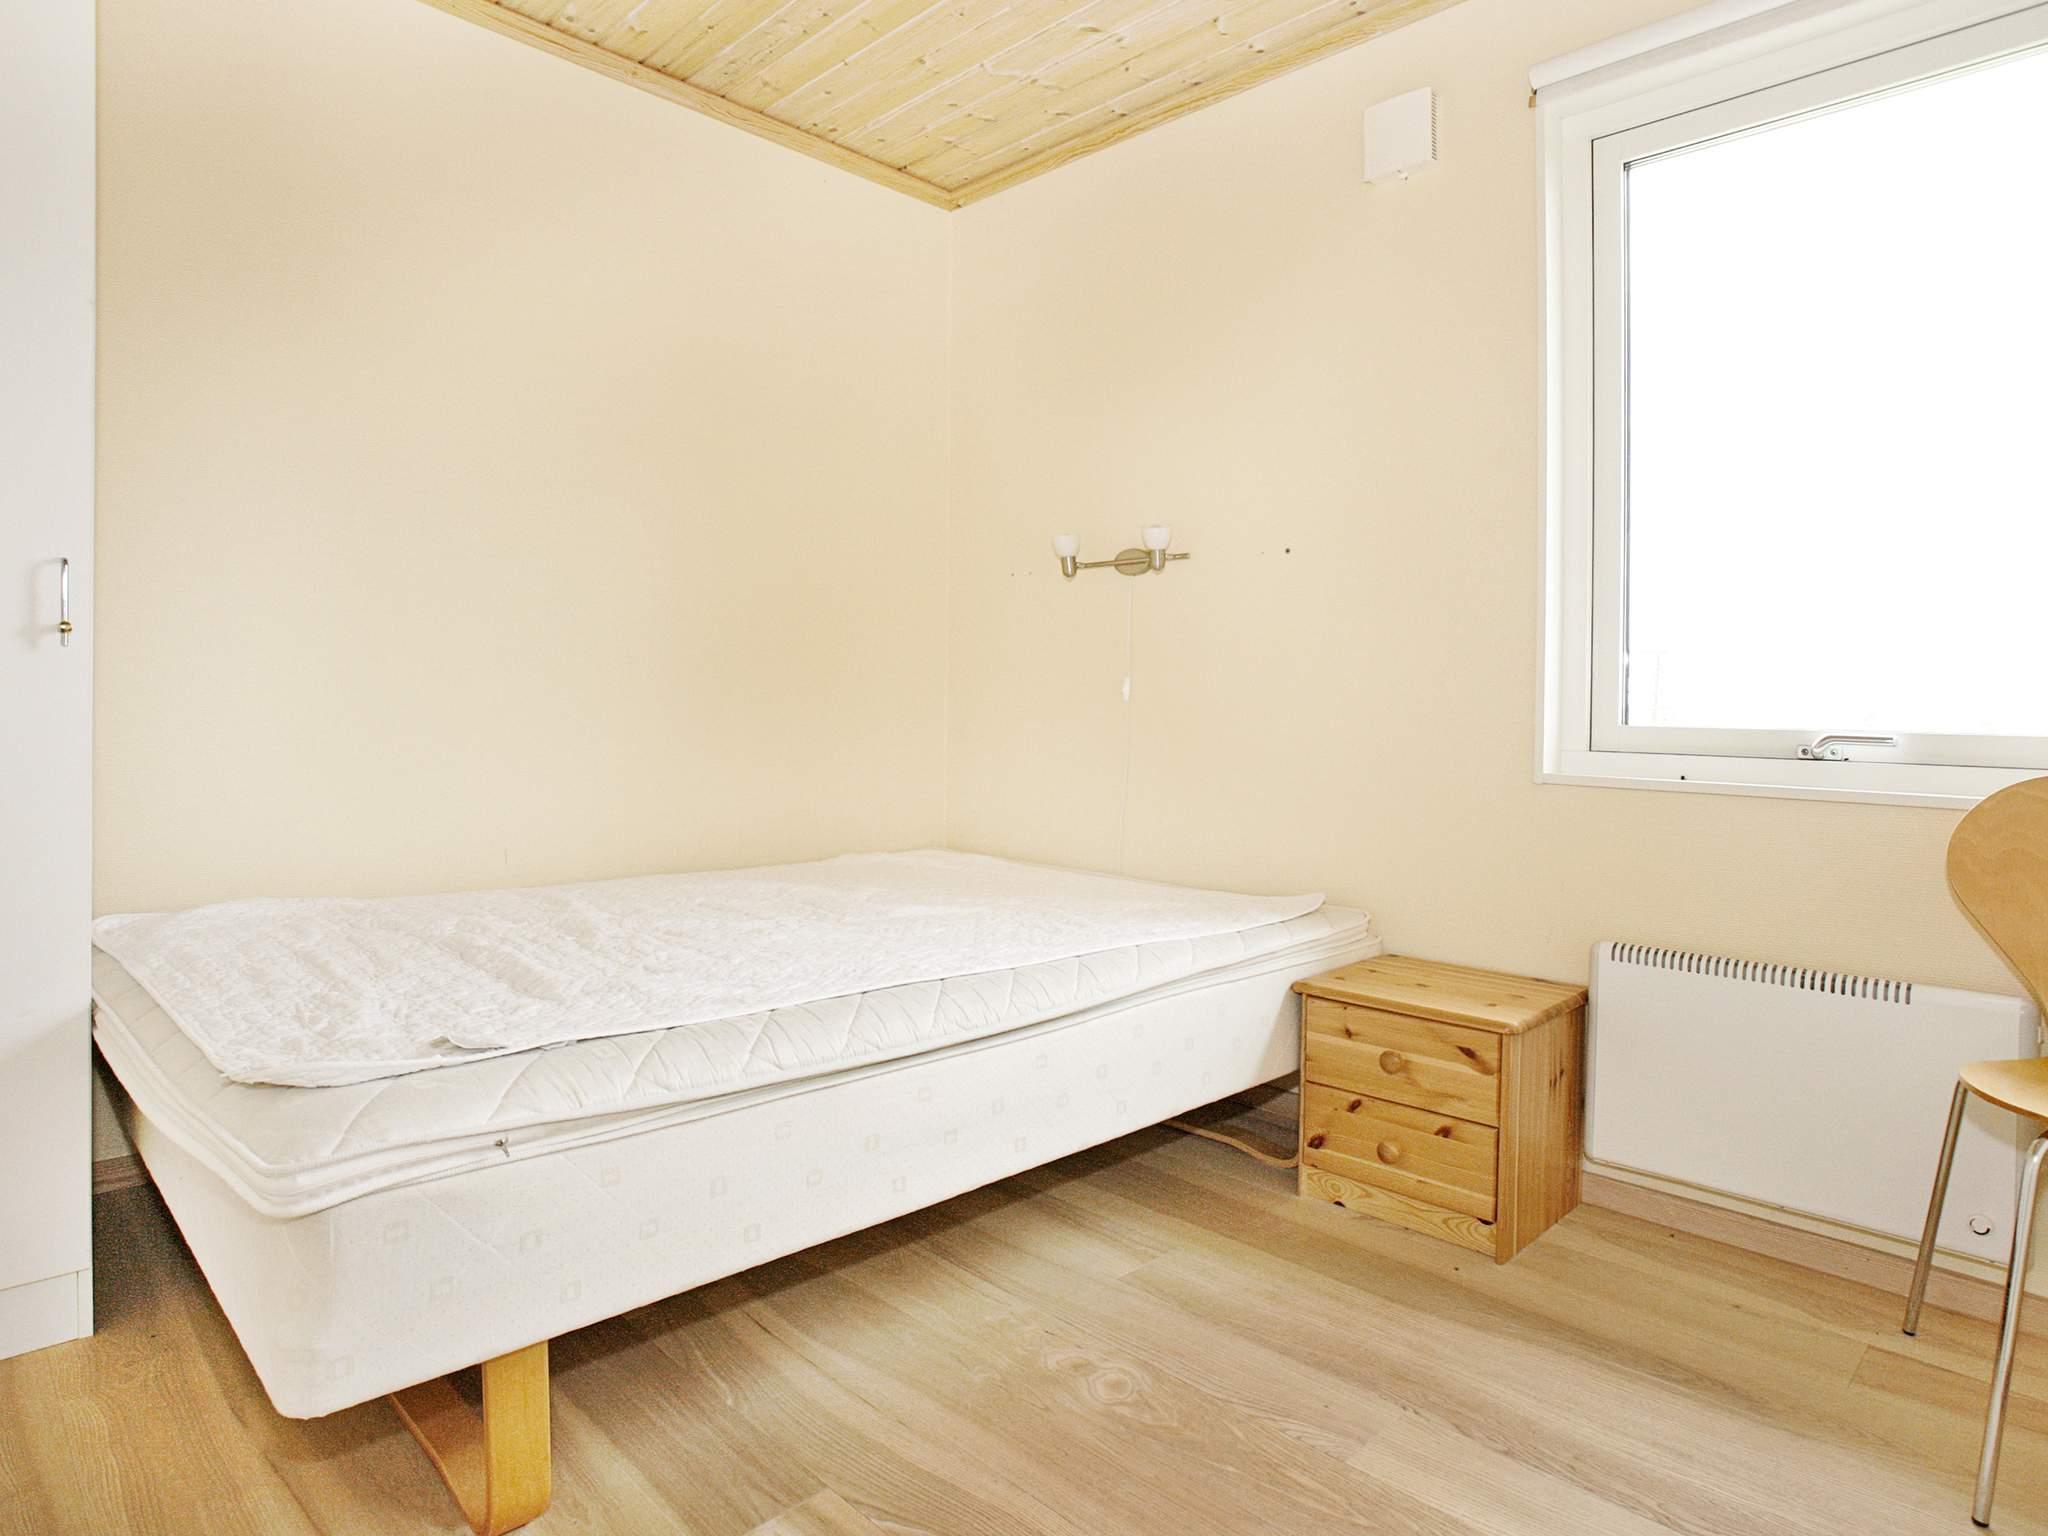 Ferienhaus Kærgården (921042), Vestervig, , Limfjord, Dänemark, Bild 9